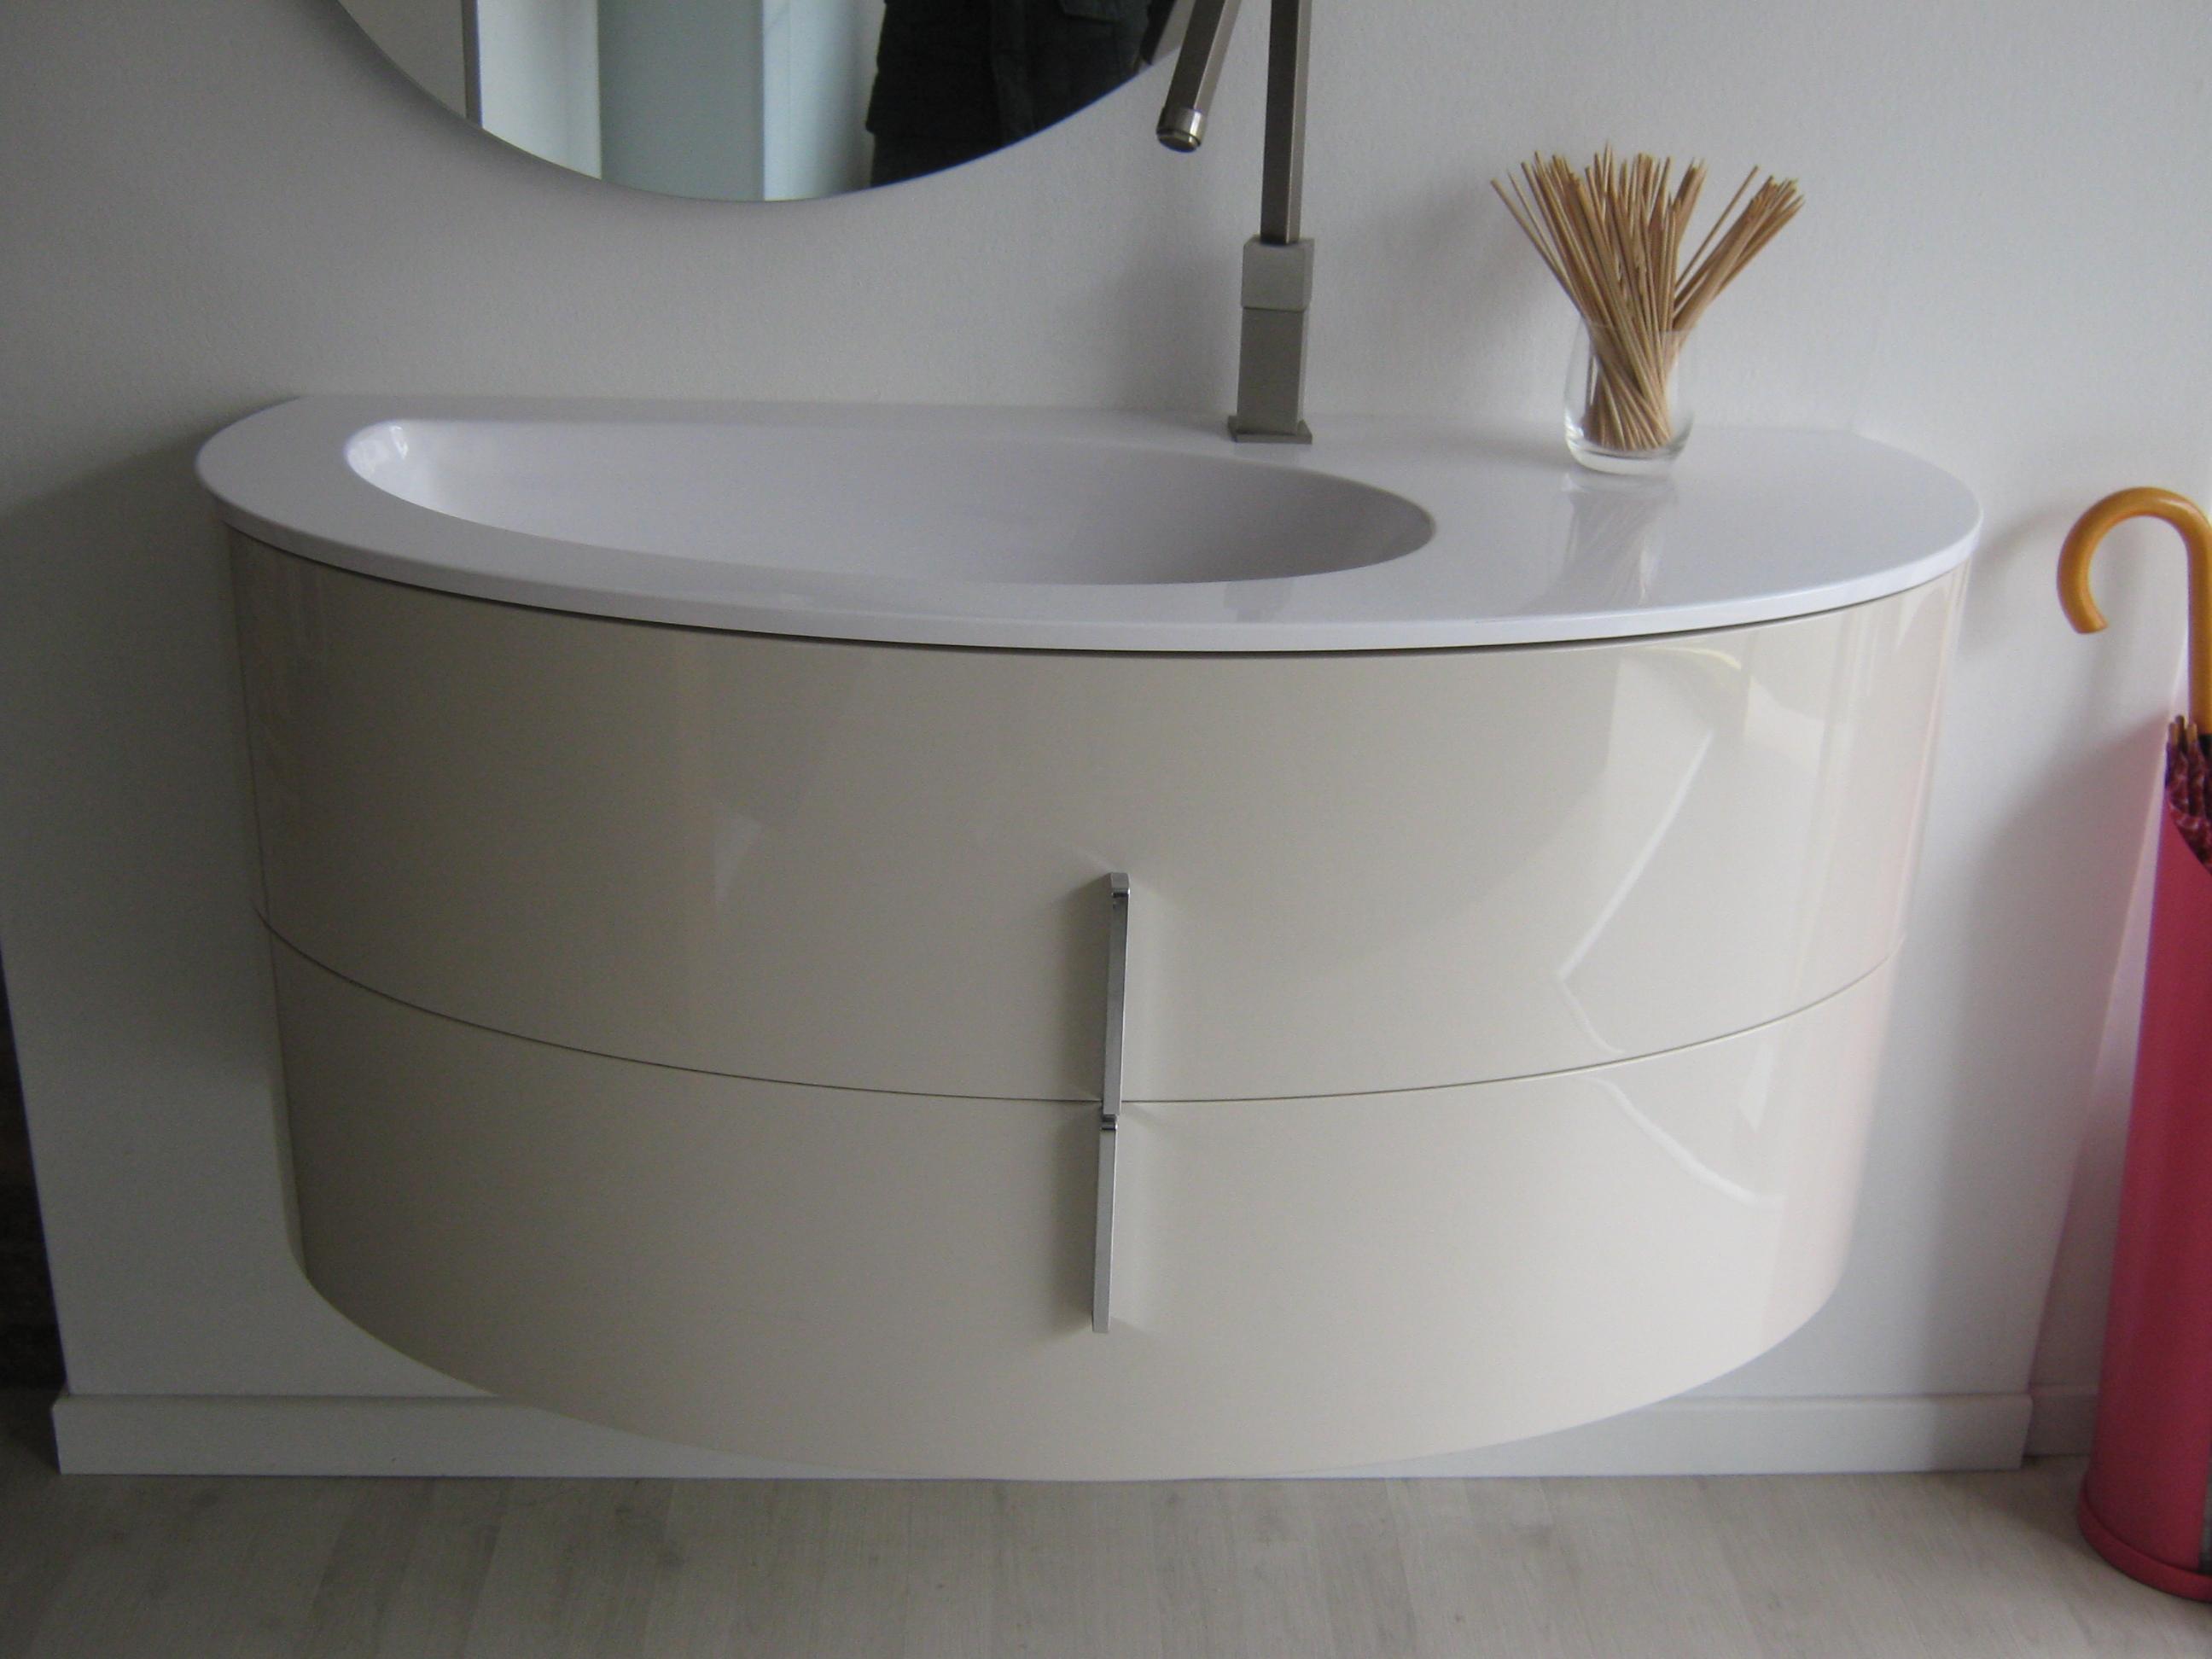 Lavagna a muro - Mobile da bagno ikea ...